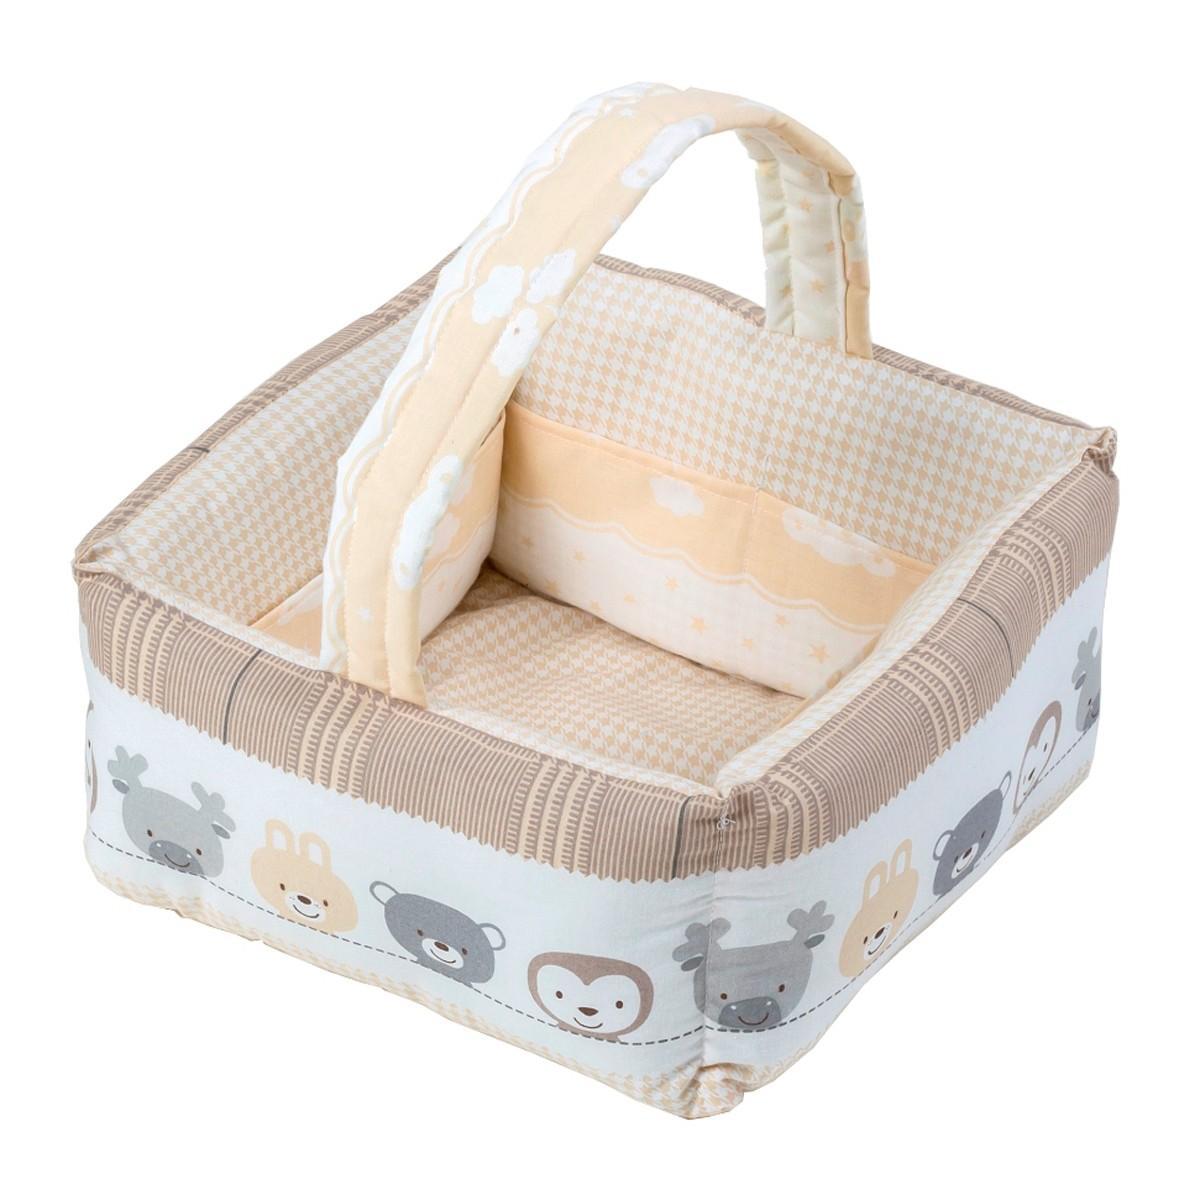 Καλαθάκι Καλλυντικών Κόσμος Του Μωρού Hug 0684 Μπεζ 74744